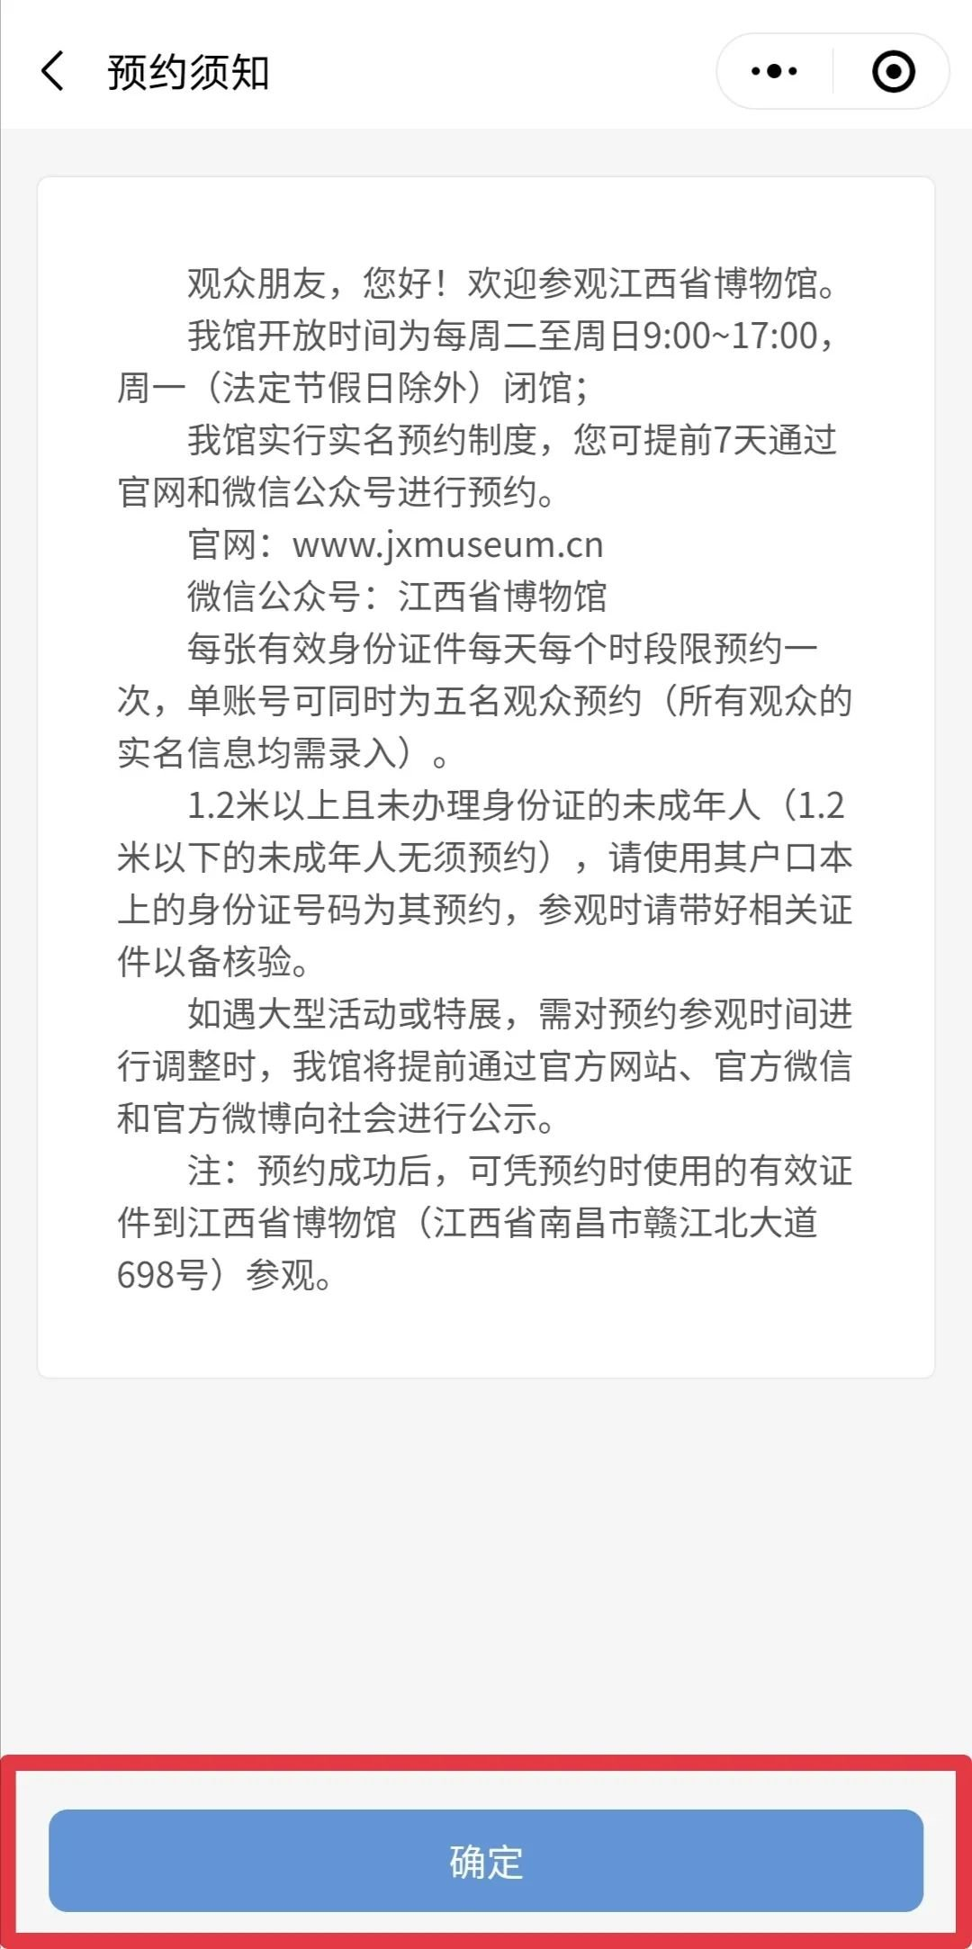 江西省博物馆新馆预约参观指南